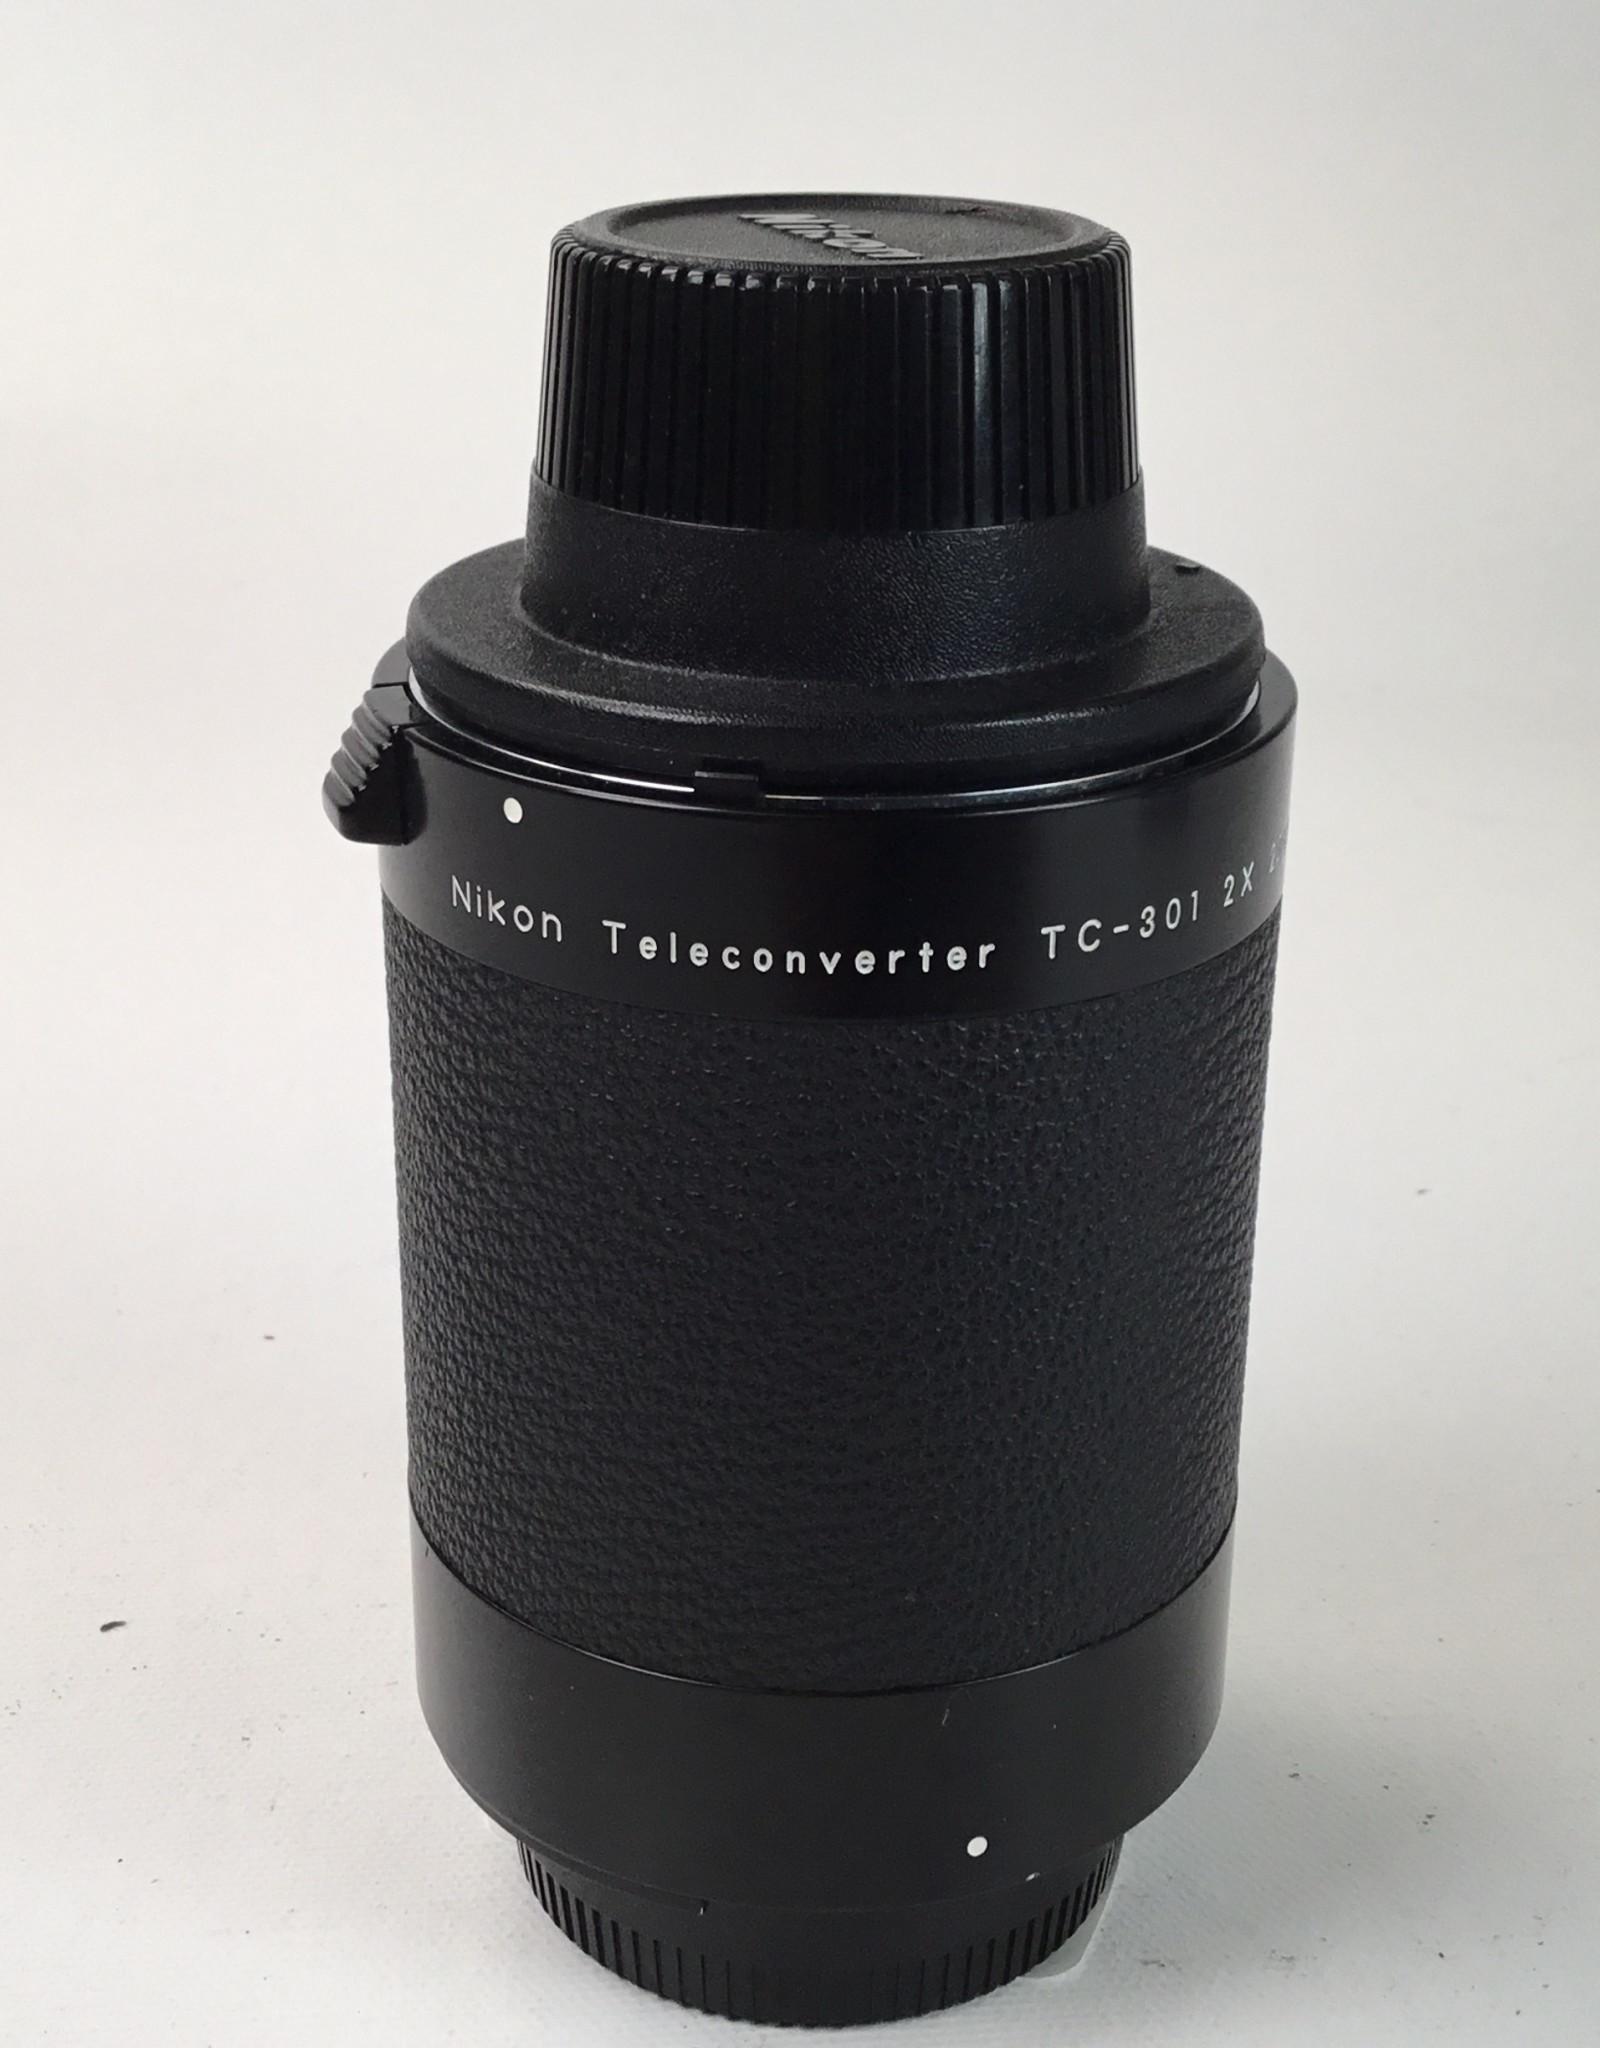 NIKON Nikon TC-301 2X Teleconverter Used EX